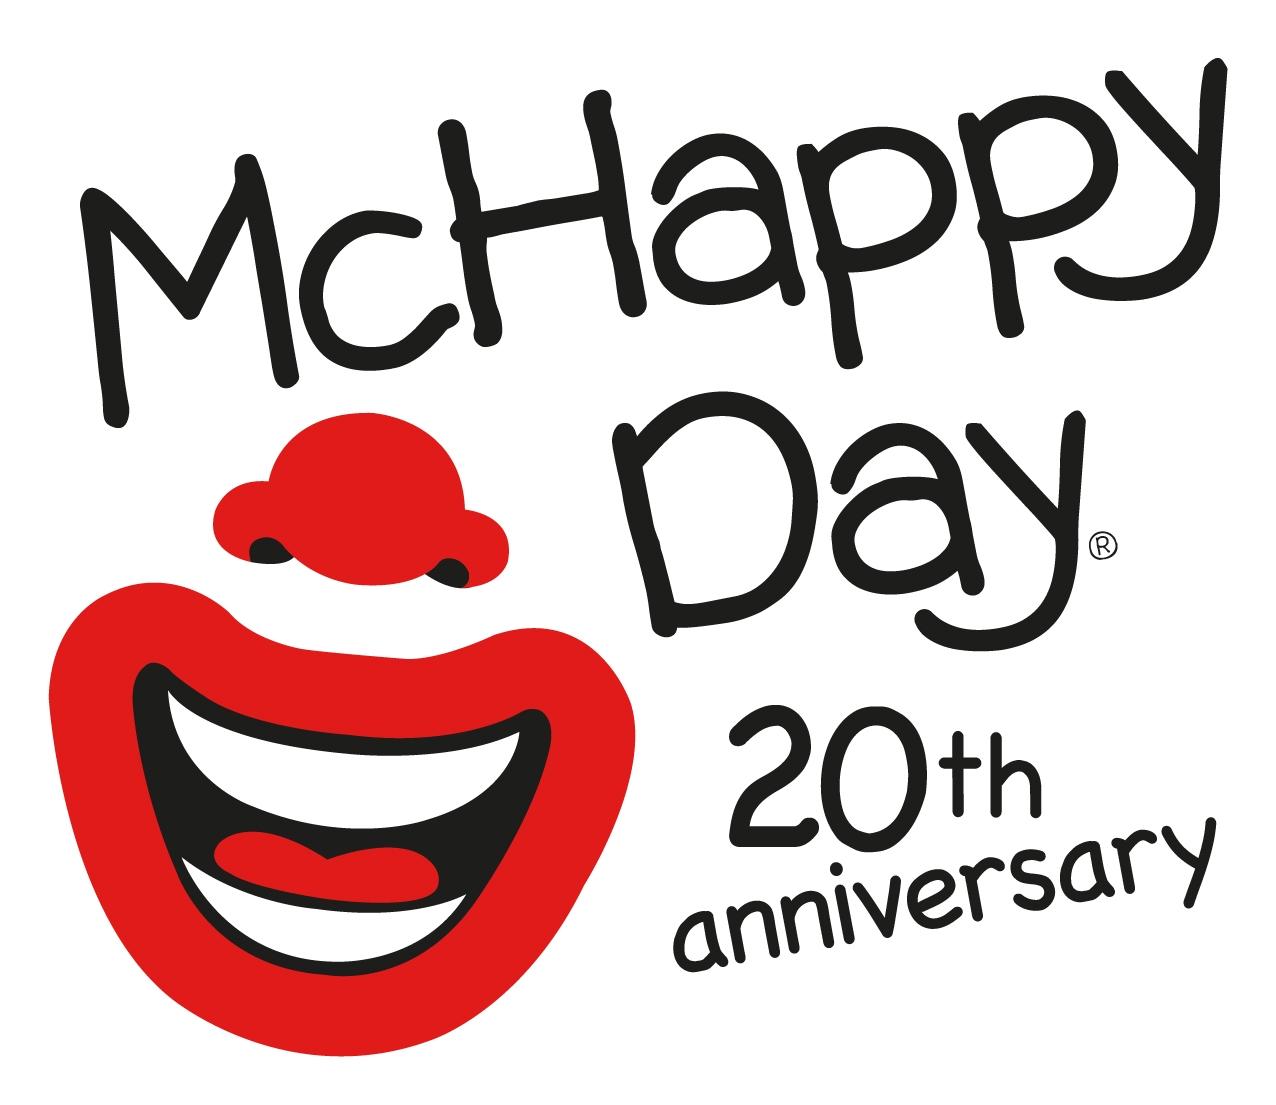 McDonald's/Anniversary